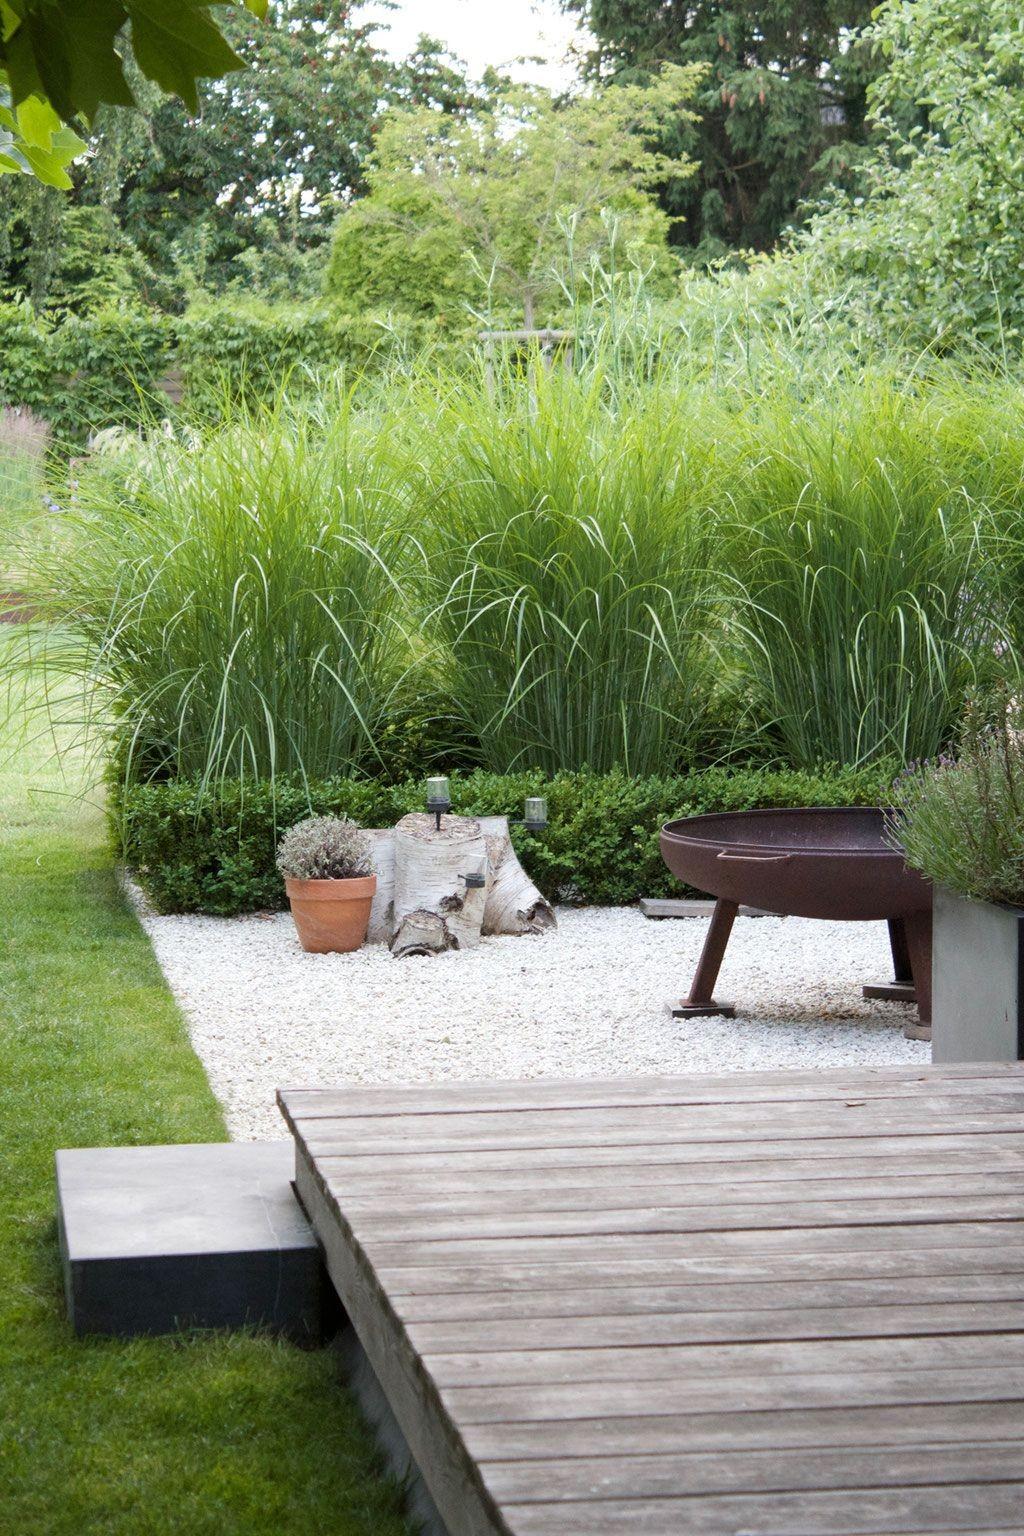 artigegarten sommerterrasse hinter chinaschilf feuerschale terrasse of feuerschale terrasse